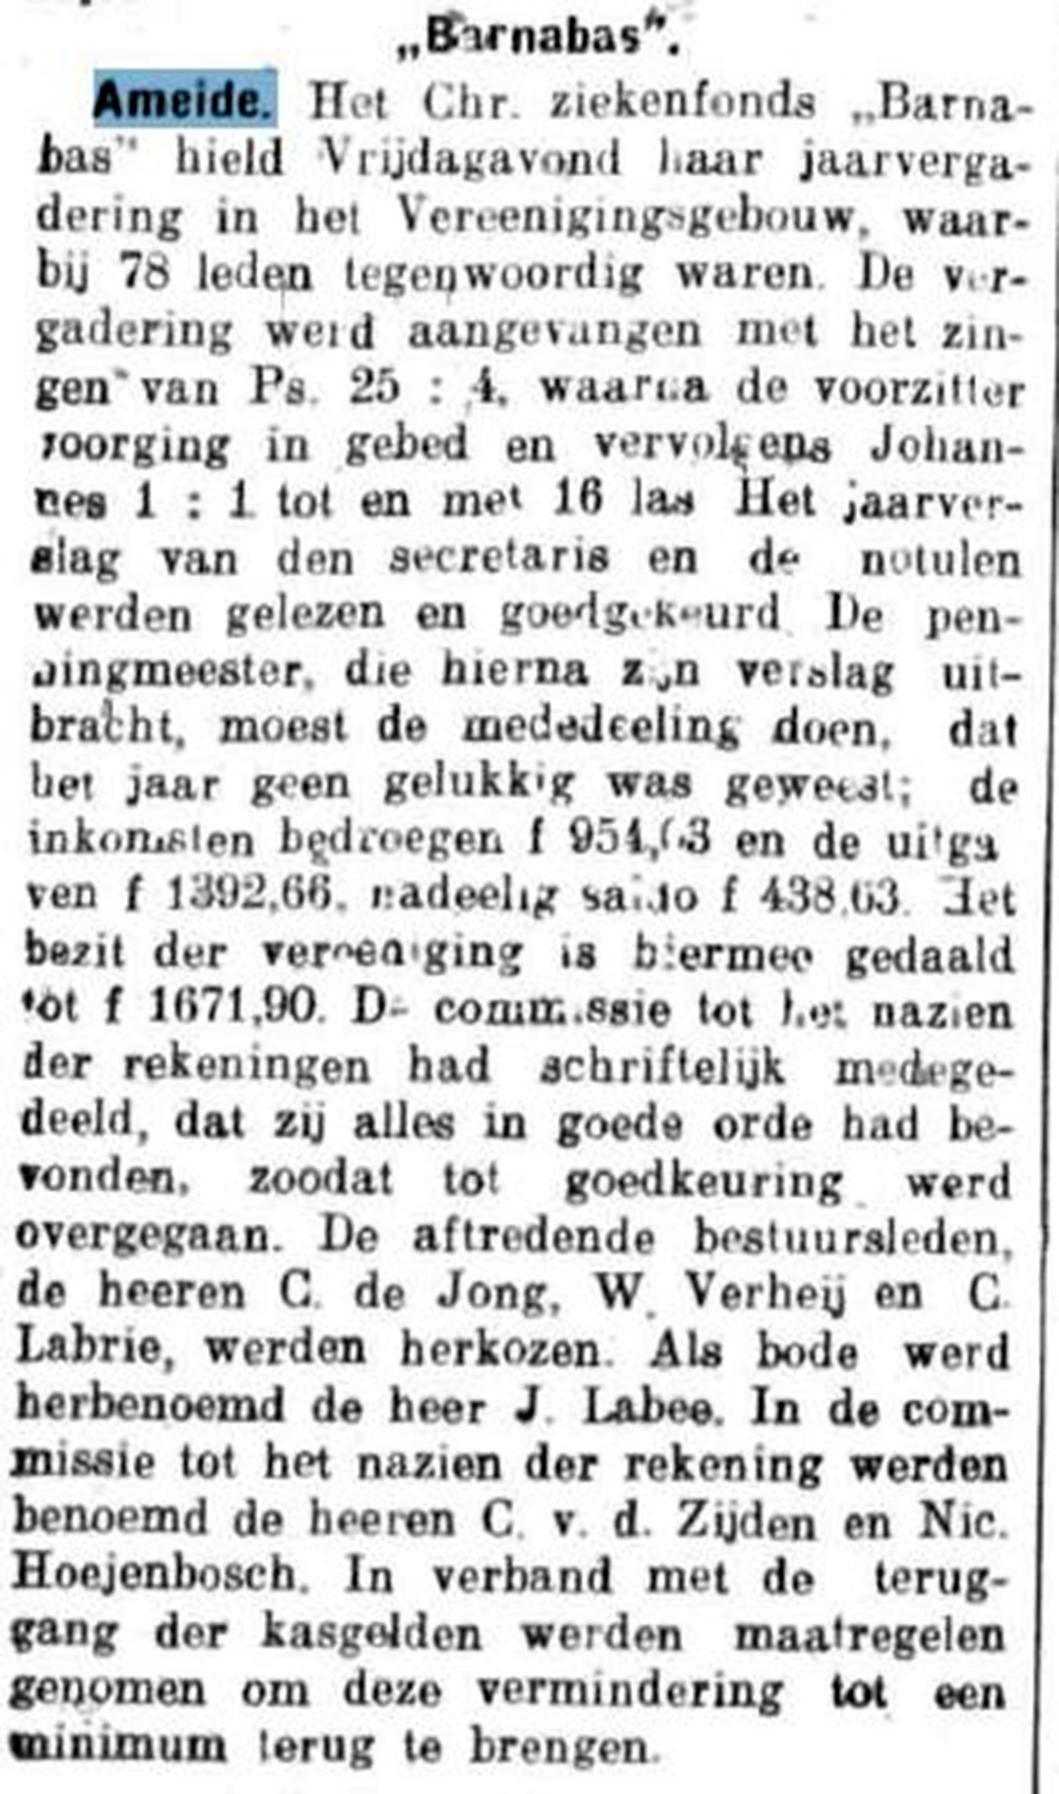 Schoonhovensche Courant 07771 1937-02-12 artikel 02